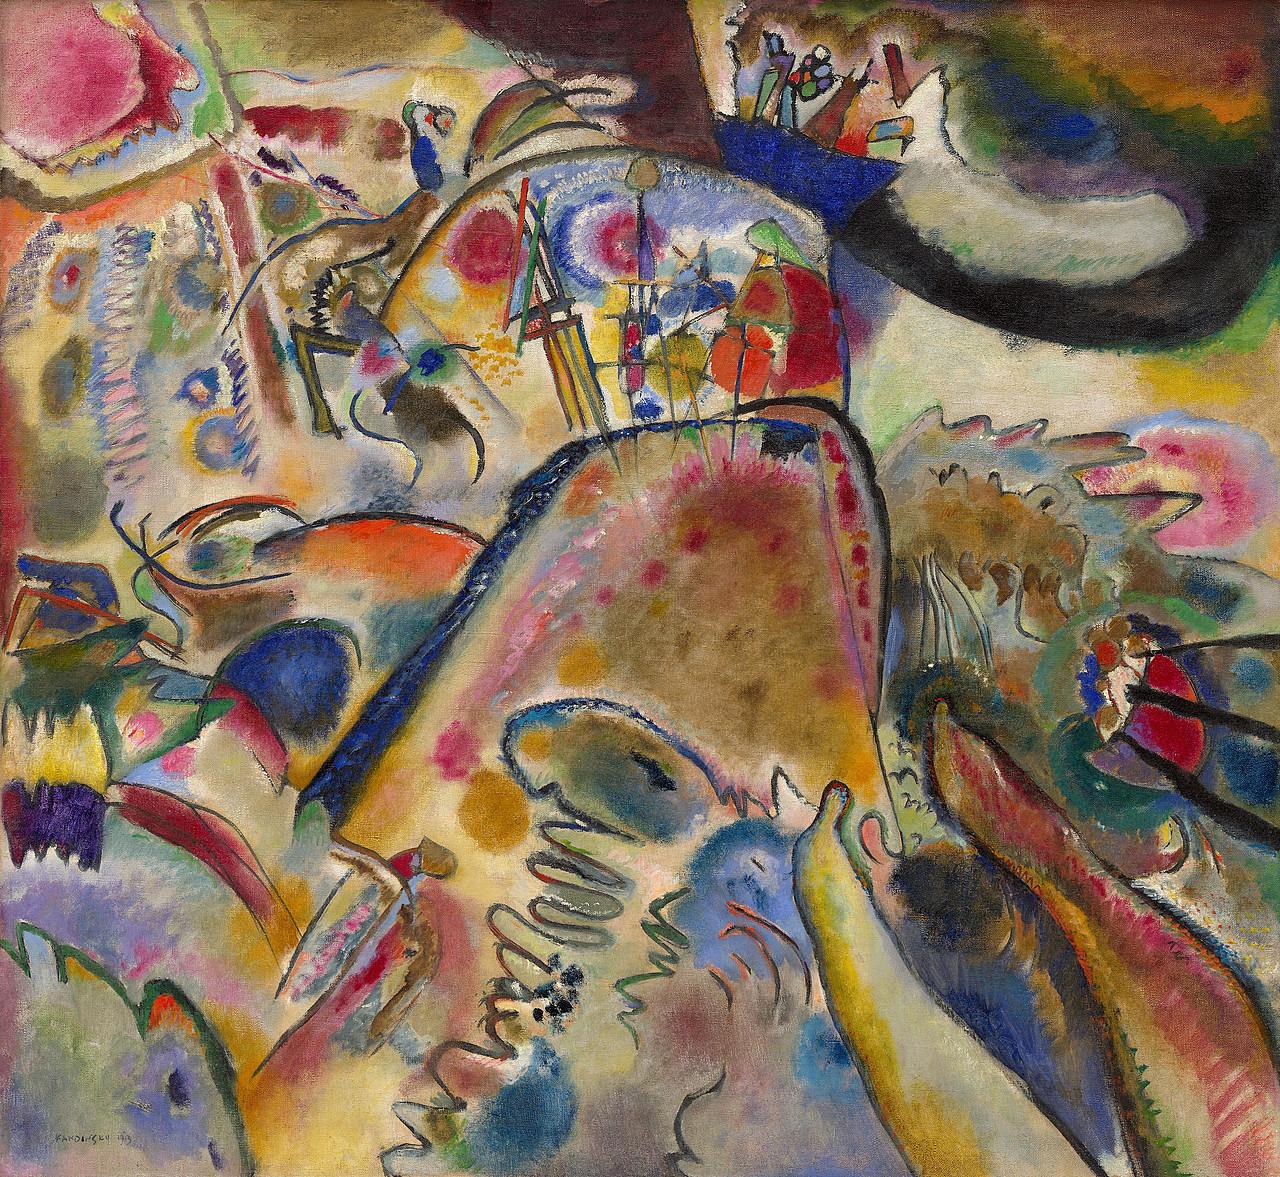 Vasily Kandinsky, Small Pleasures, 1913, oil on canvas, 110.2 x 119.4 cm (Solomon R. Guggenheim Museum, New York)